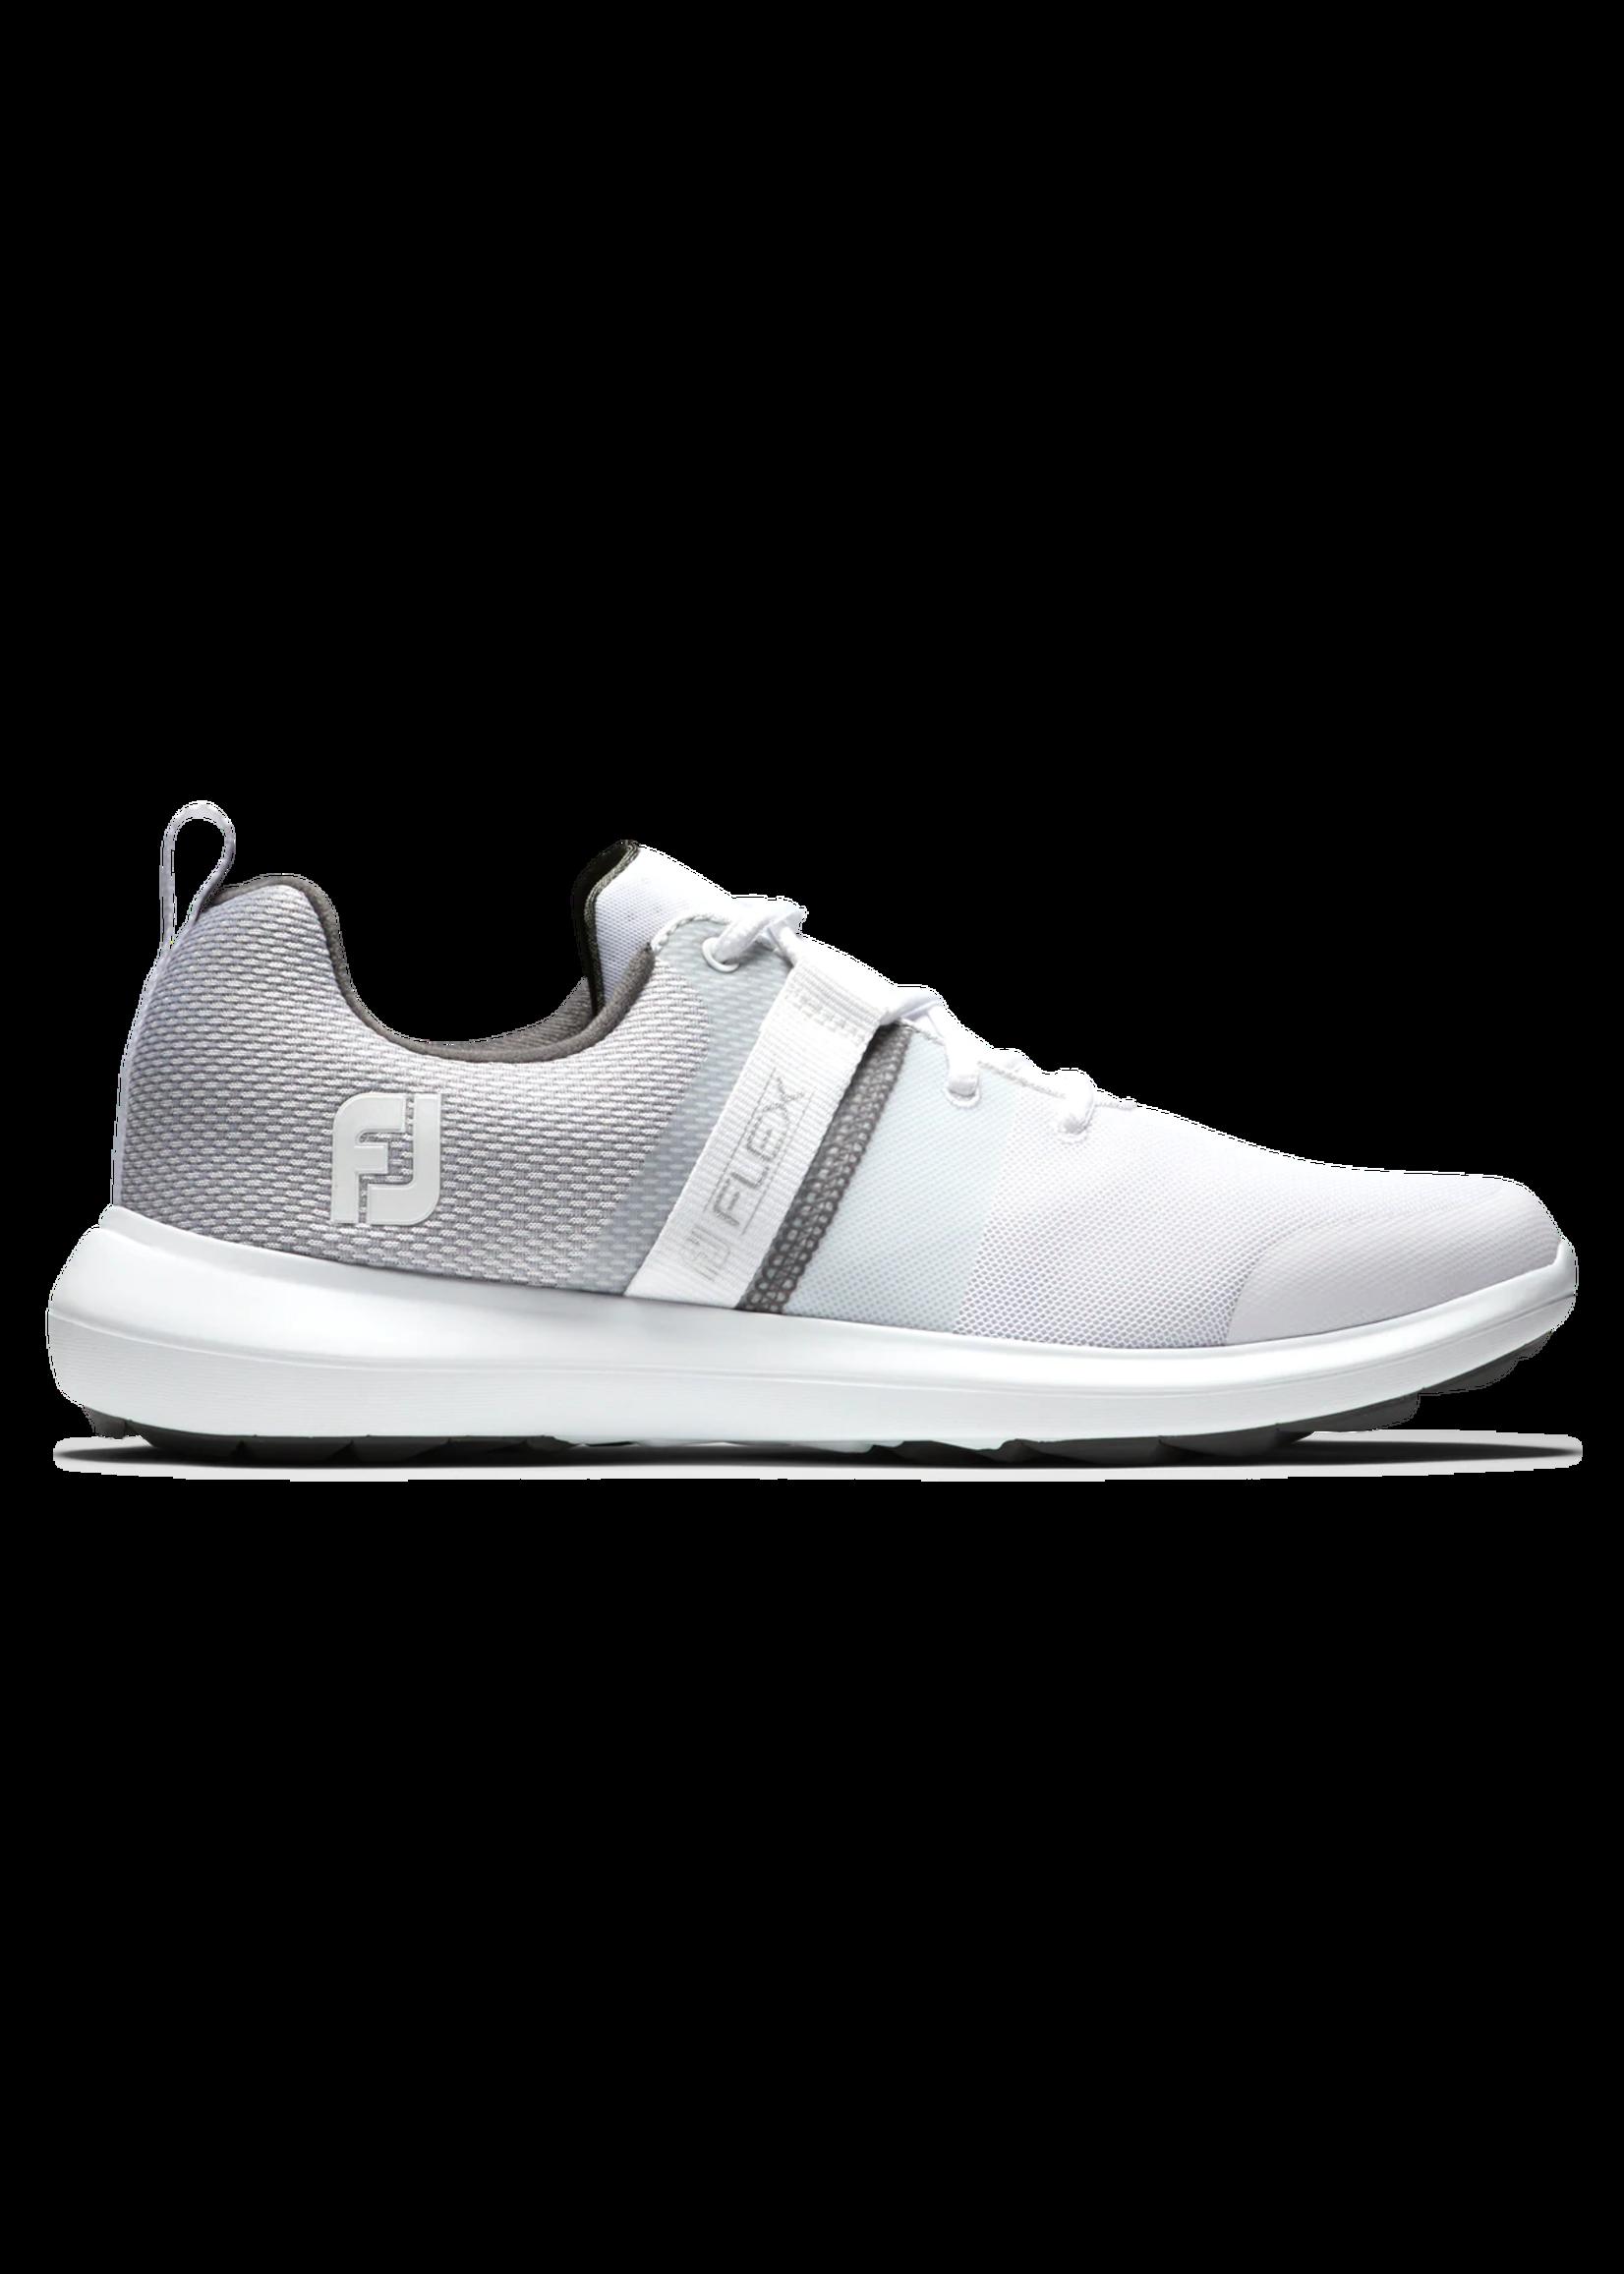 FootJoy - Mens Flex Shoes